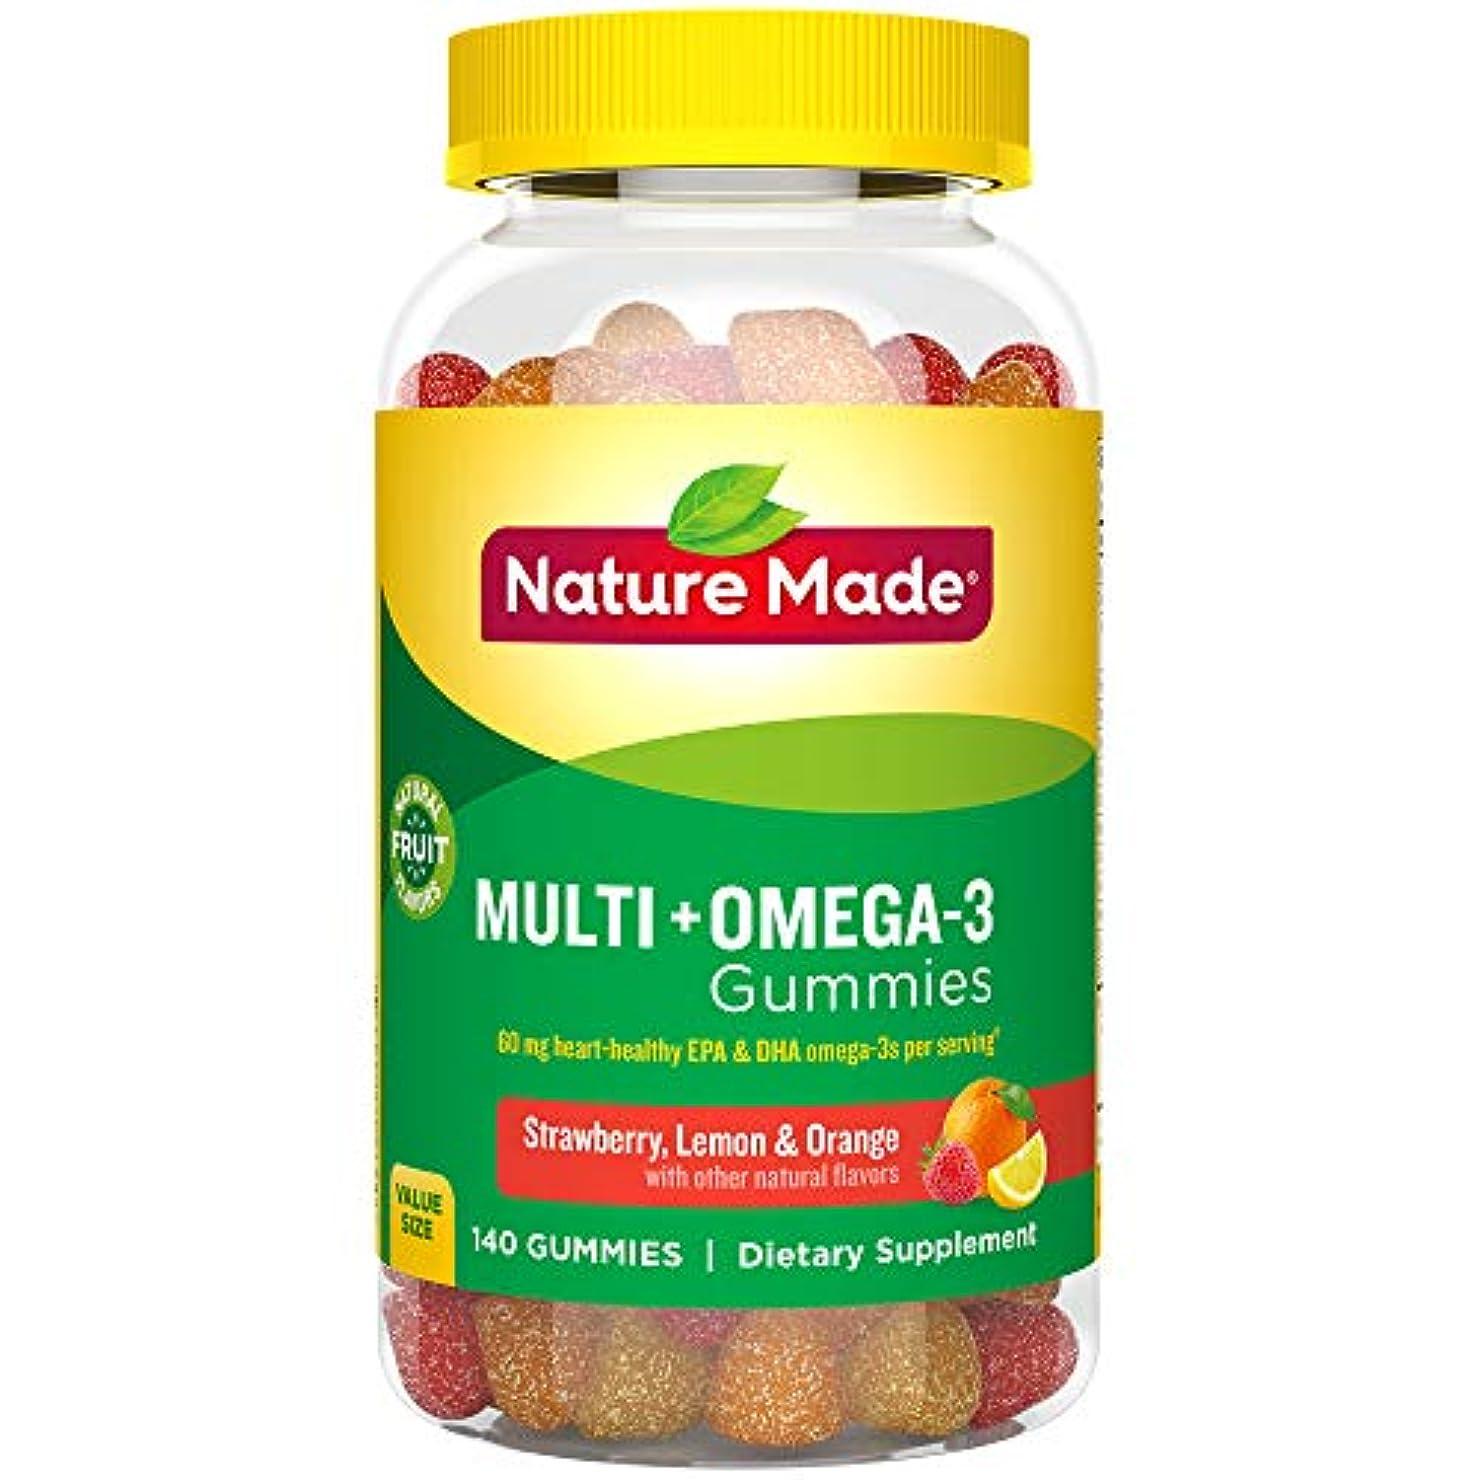 修羅場湖助言Nature Made Multi + Omega-3 Adult Gummies (60 mg of DHA & EPA per serving),140粒